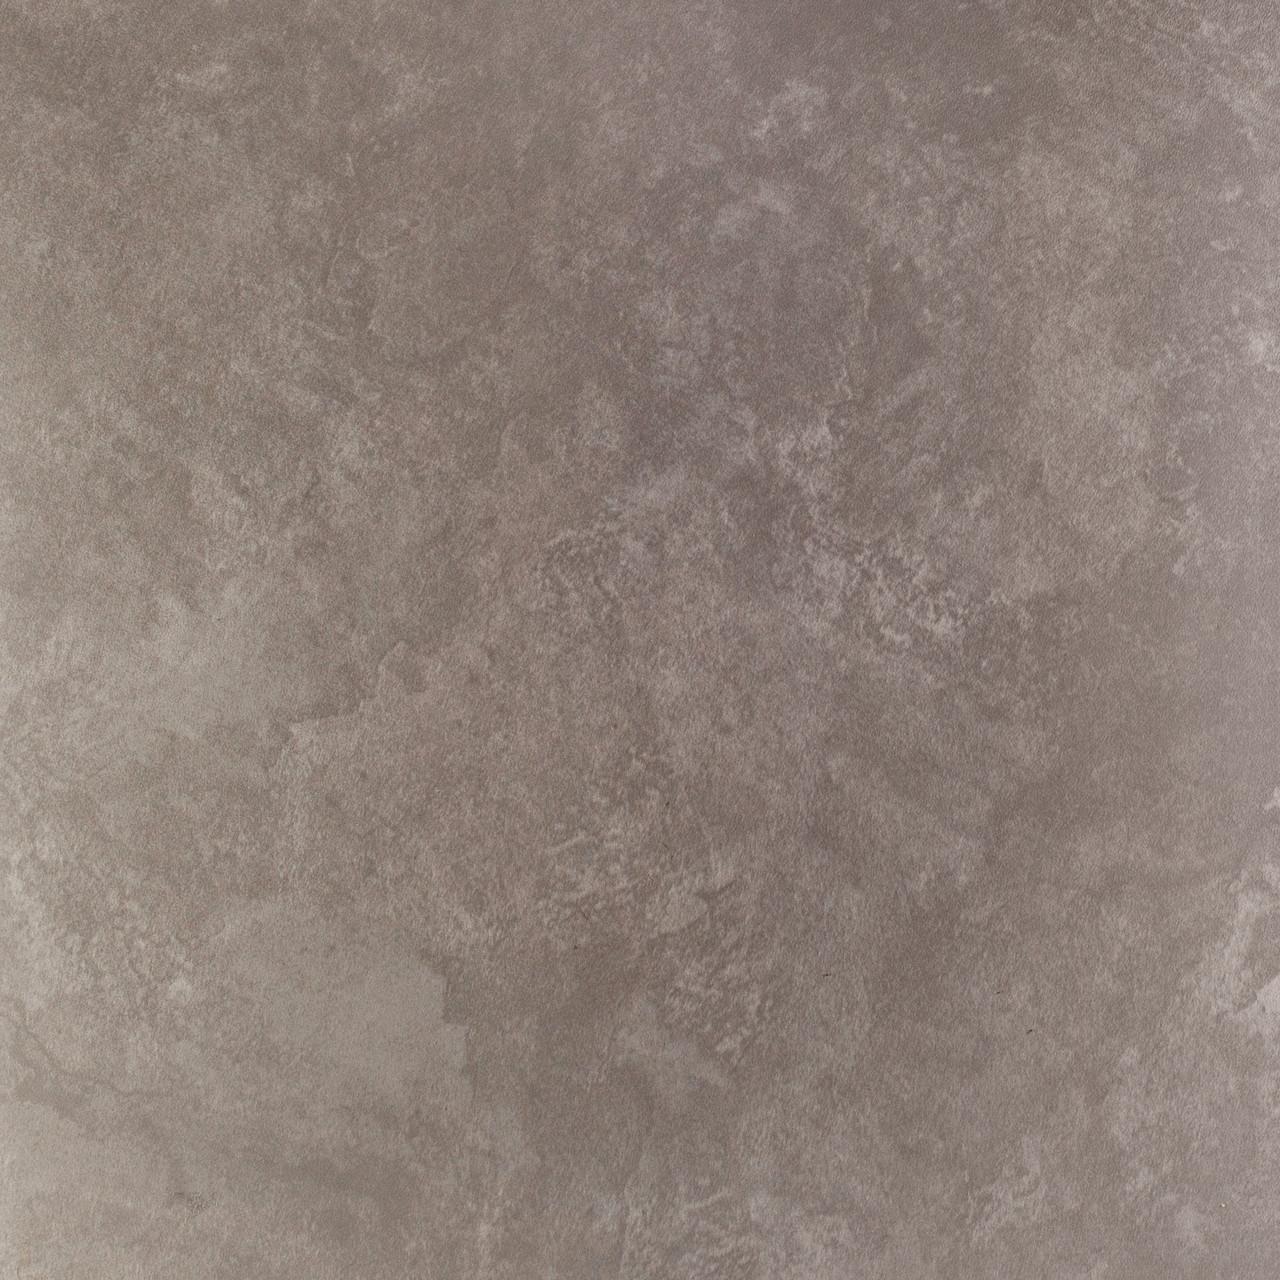 Керамогранит лапатированый серый 60х60